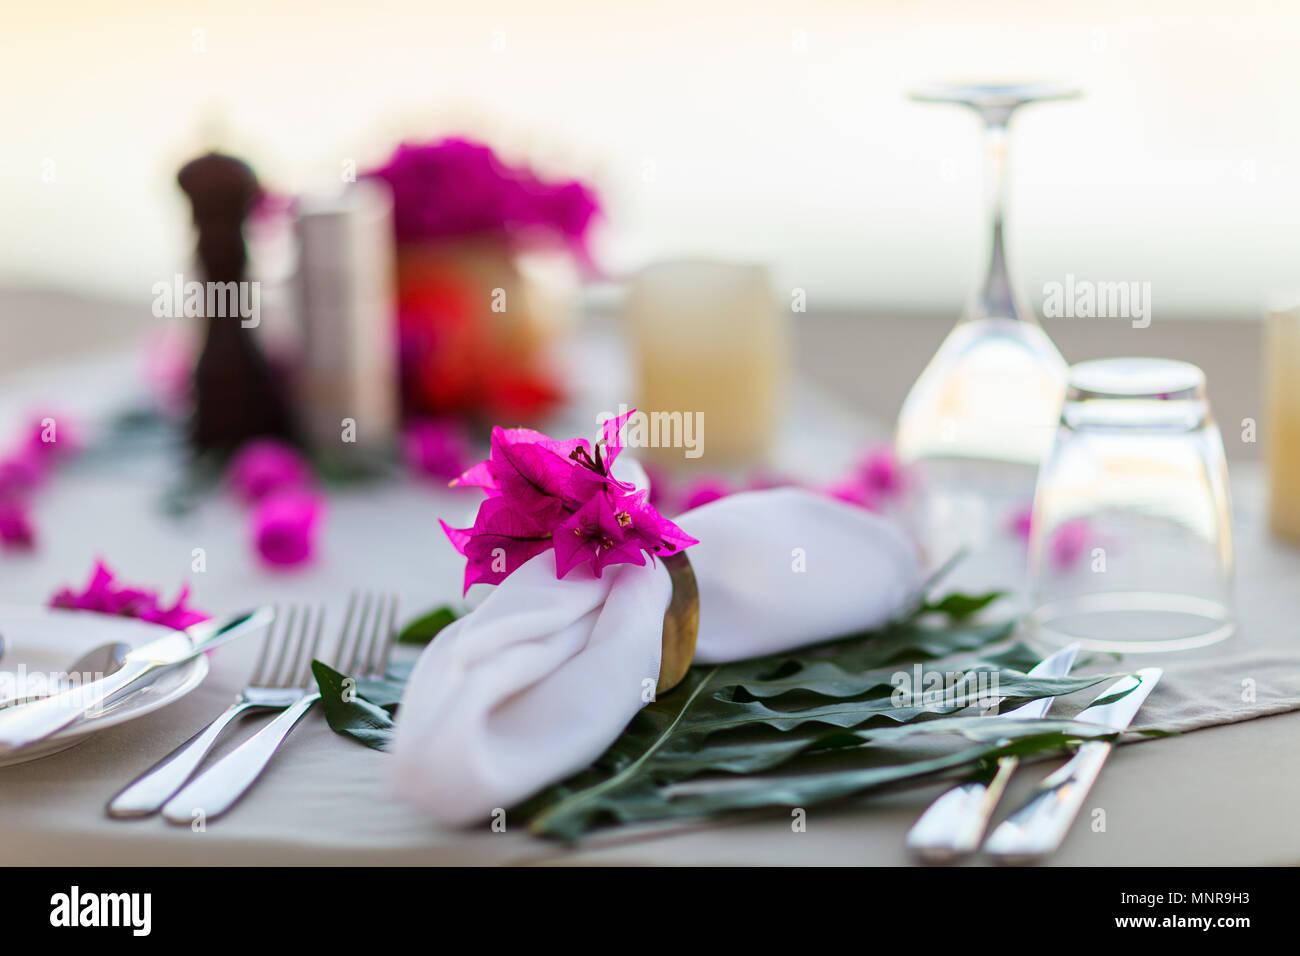 Splendidamente servito tabella per la romantica celebrazione di eventi o matrimoni Immagini Stock